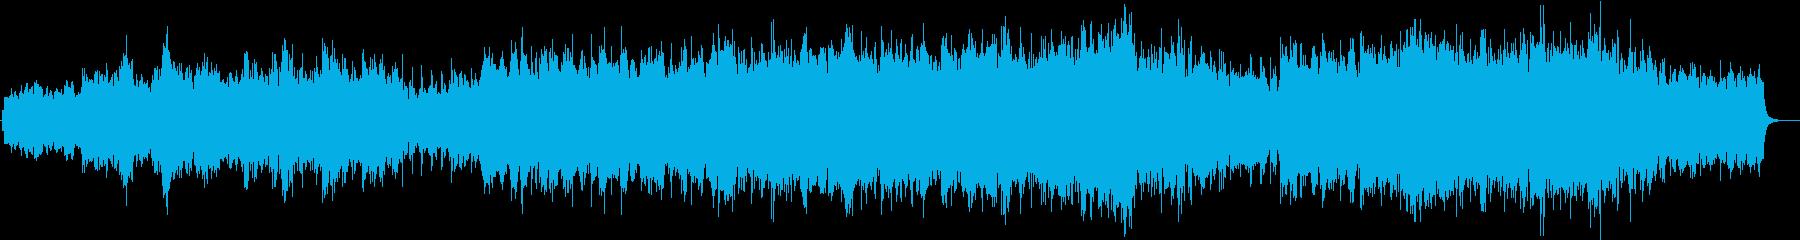 神秘的なピアノBGMの再生済みの波形